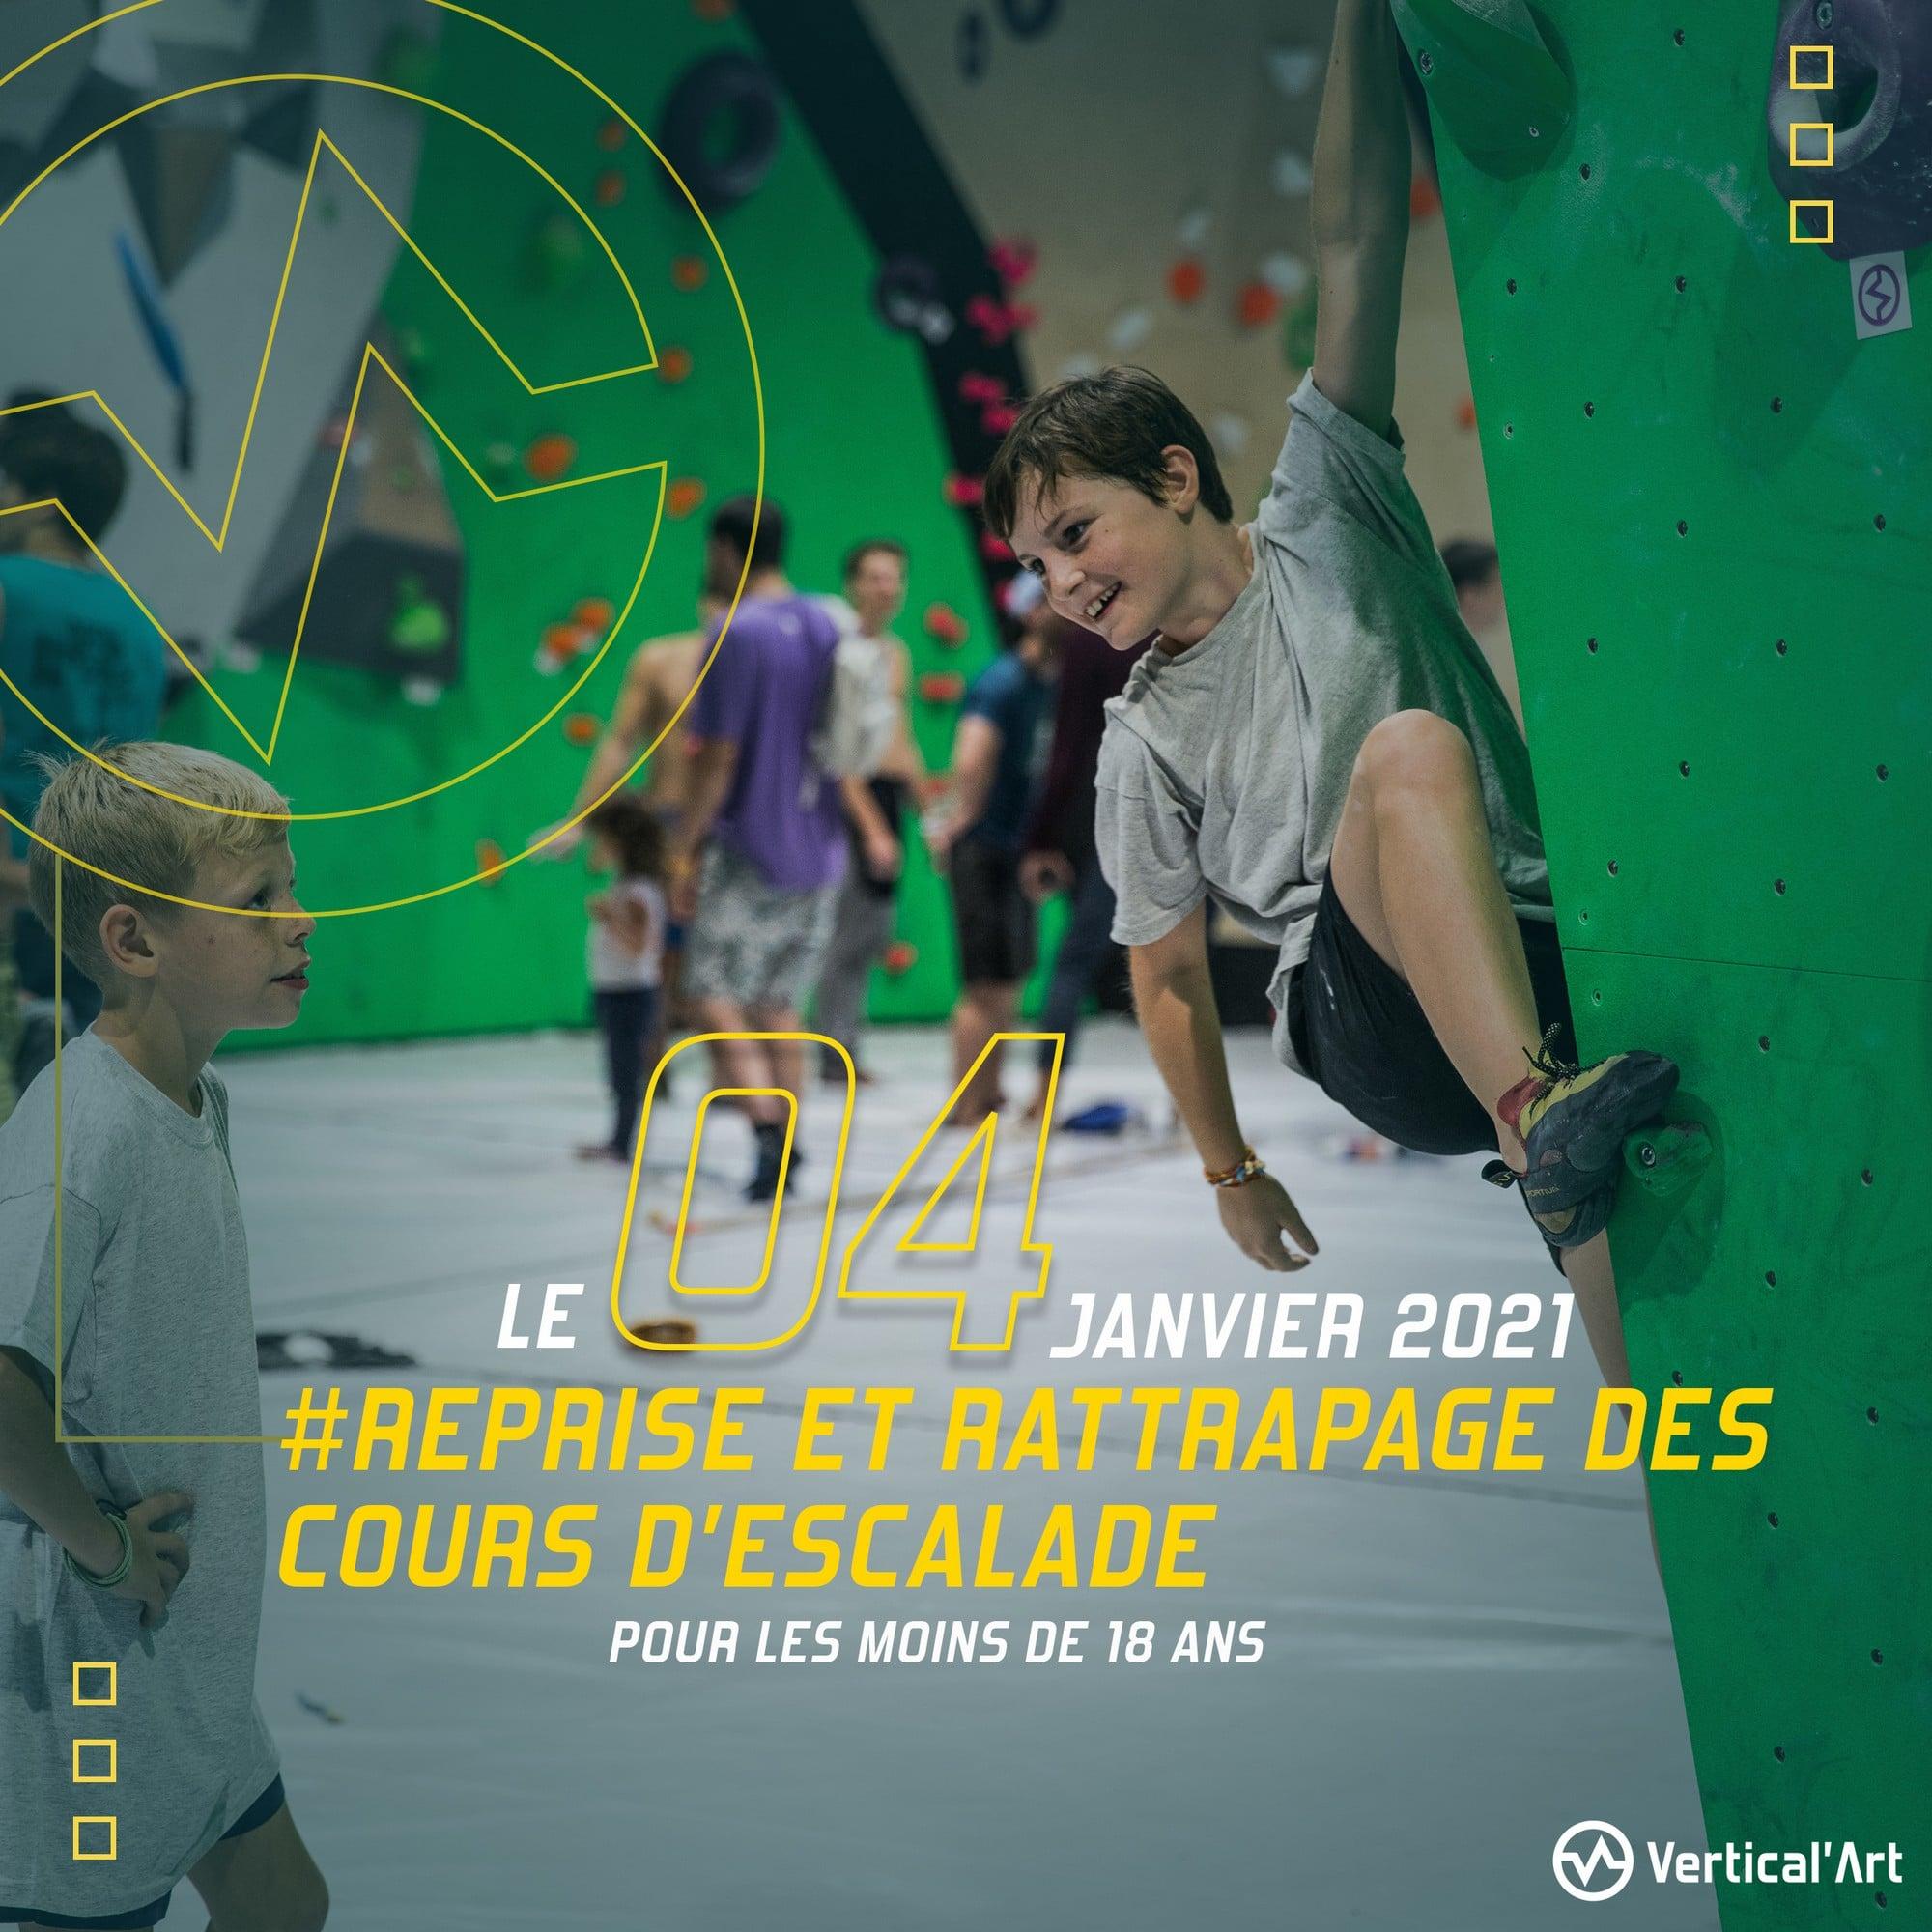 Reprise et rattrapage des cours d'escalade pour les mineurs le 4 janvier à Vertical'Art Paris Pigalle